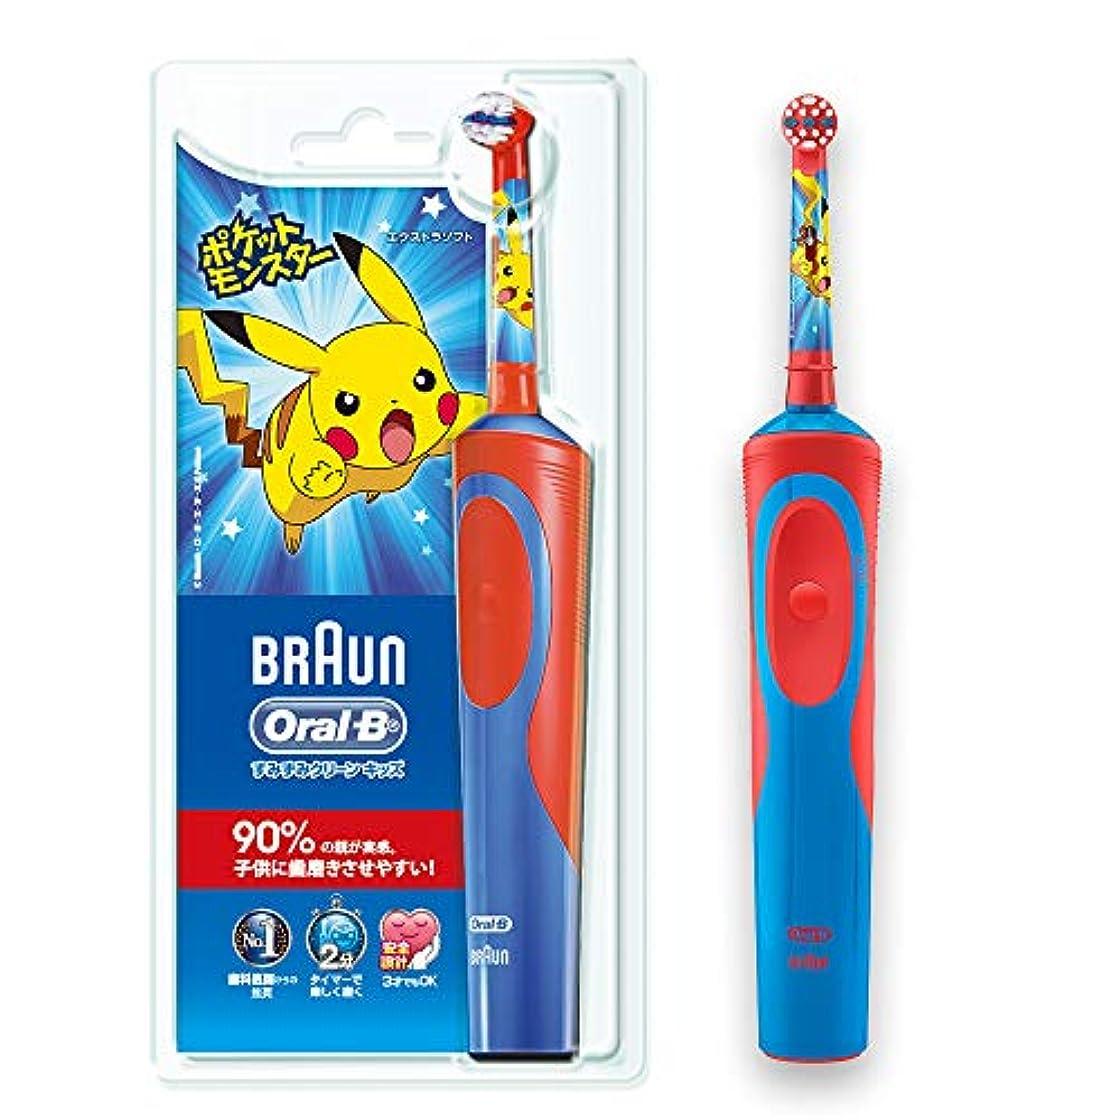 入場料中確認ブラウン オーラルB 電動歯ブラシ 子供用 D12513KPKMB すみずみクリーンキッズ 本体 レッド ポケモン 歯ブラシ